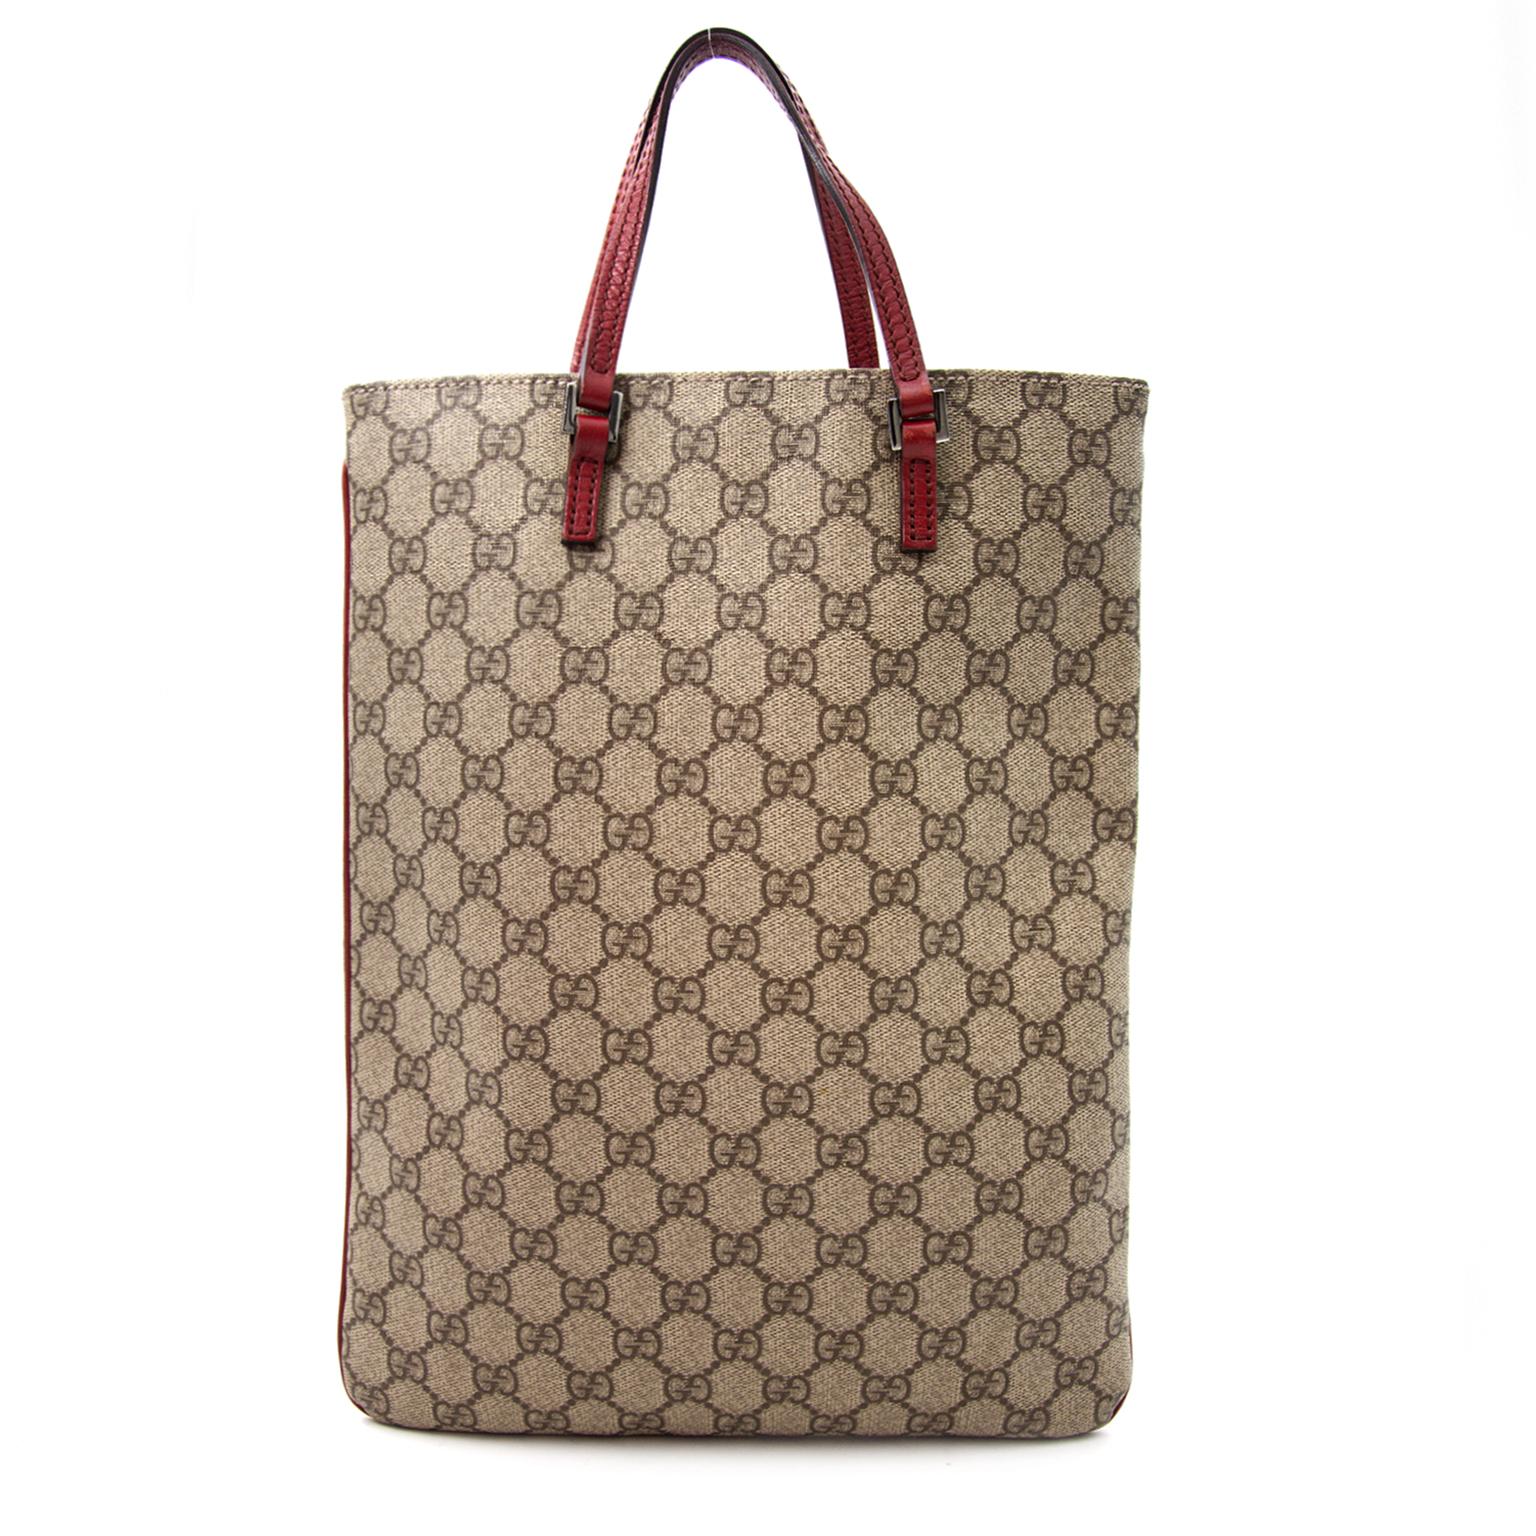 Bent u op zoek naar een designer Gucci Monogram Coated Canvas handtas voor het werk? Koop veilig bij Labellov